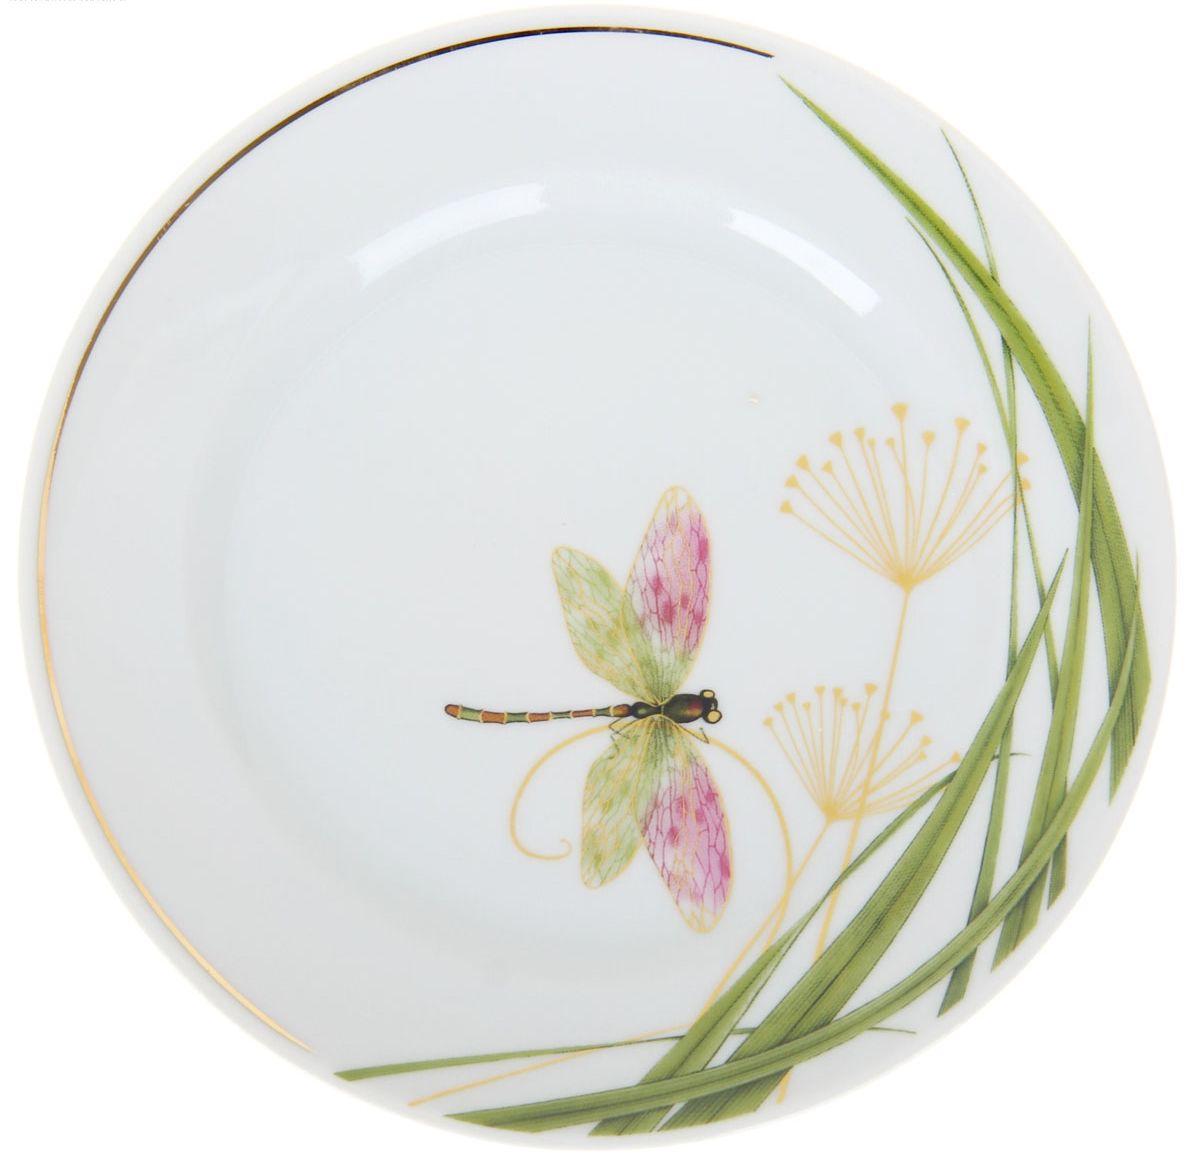 Тарелка мелкая Идиллия. Стрекоза, диаметр 17 см1224521Глубокая тарелка Идиллия. Стрекоза выполнена из высококачественного фарфора и украшена ярким изображением. Она прекрасно впишется в интерьер вашей кухни и станет достойным дополнением к кухонному инвентарю. Тарелка Идиллия. Стрекоза подчеркнет прекрасный вкус хозяйки и станет отличным подарком.